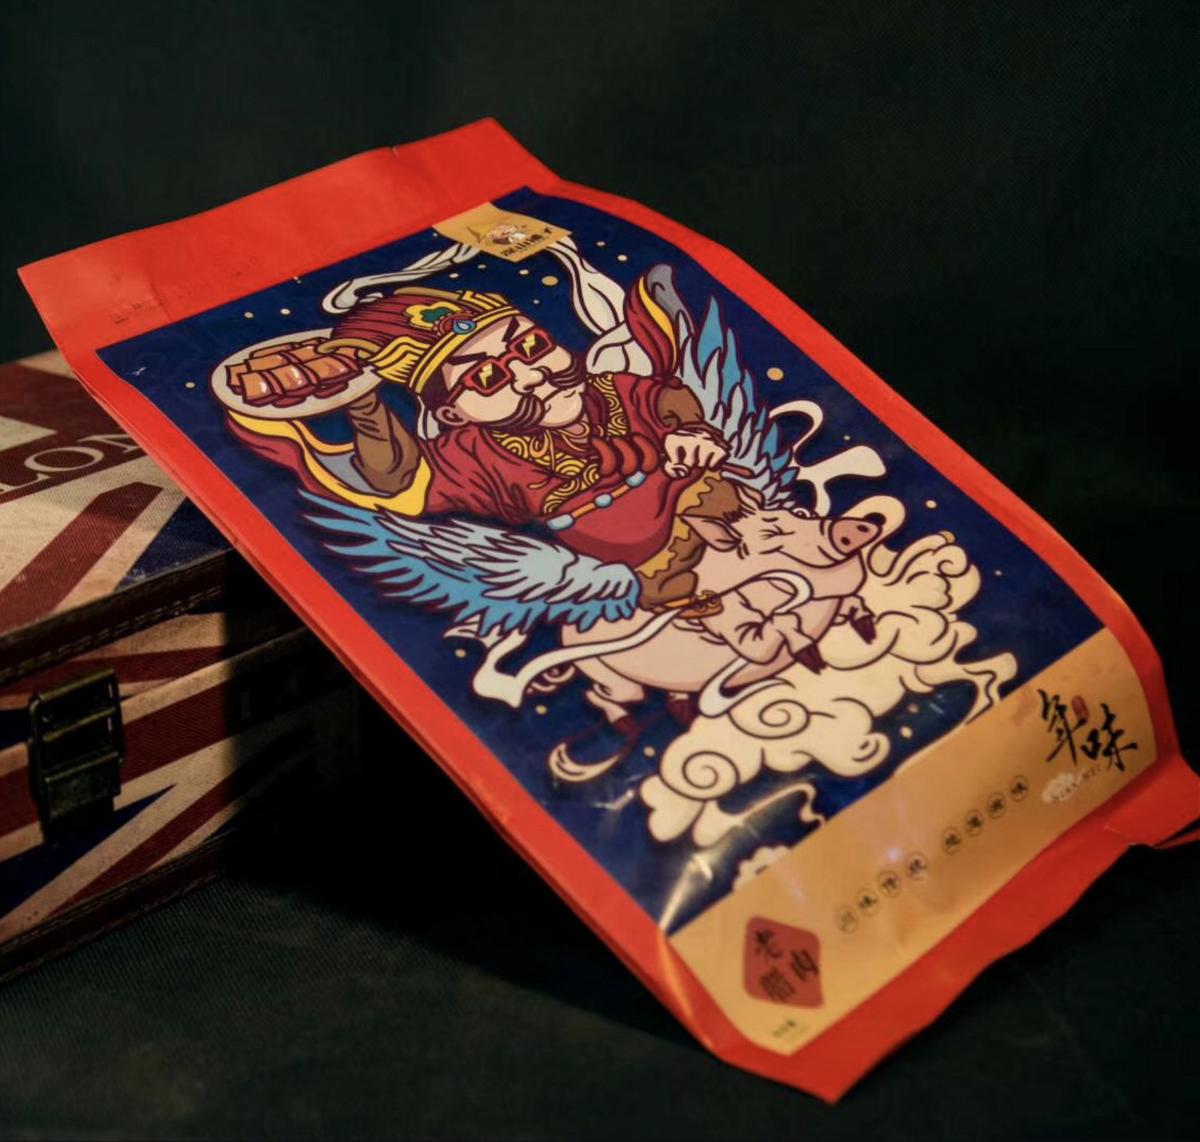 干货 腊肠 豆干 香肠 包装设计 食品包装设计